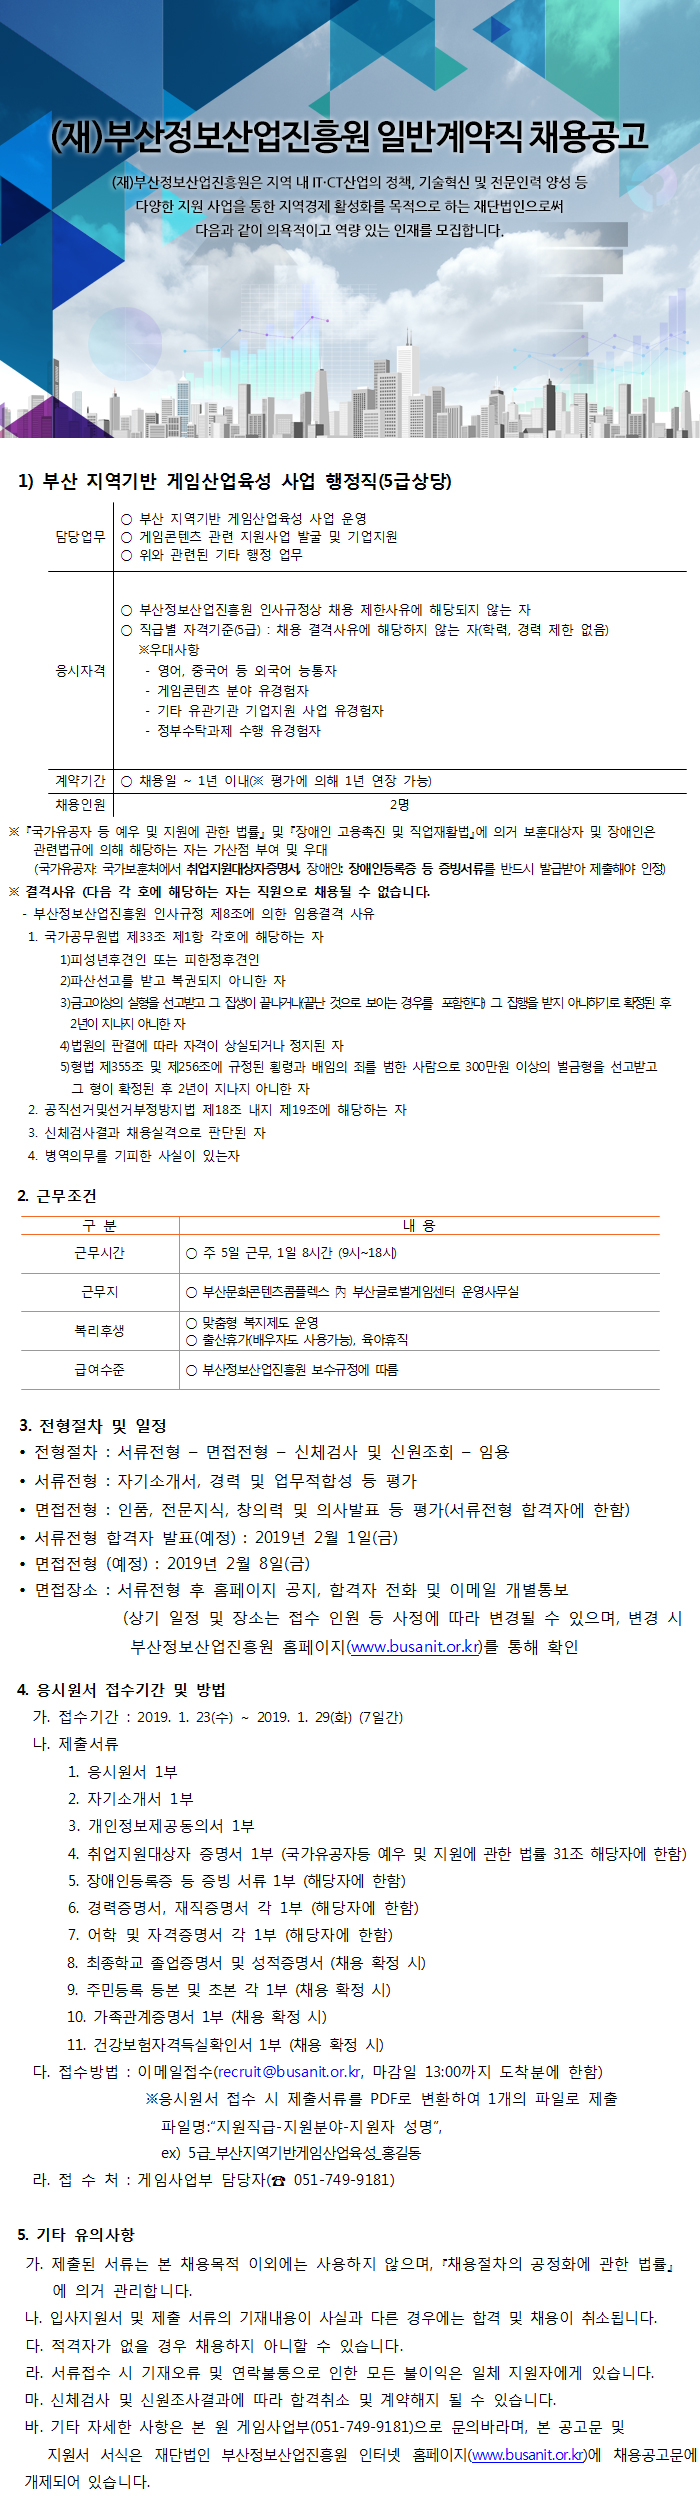 (재)부산정보산업진흥원 일반계약직 채용공고